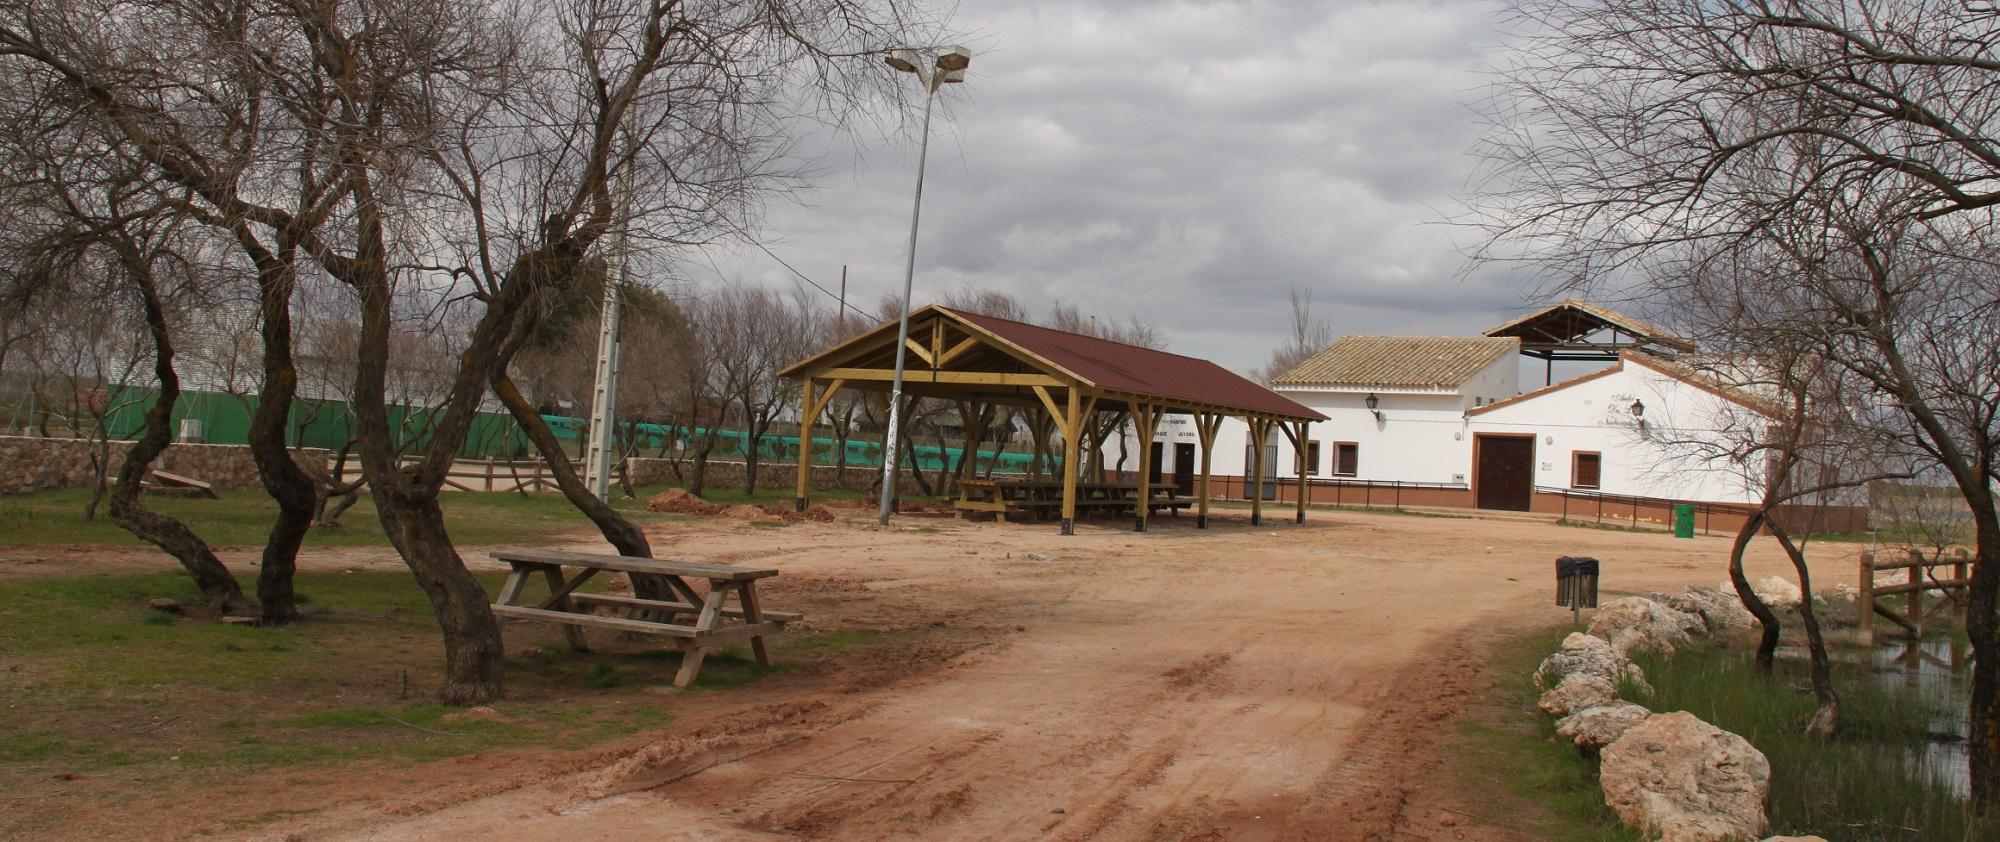 Aula de la Naturaleza del Ayuntamiento de Villafranca de los Caballeros